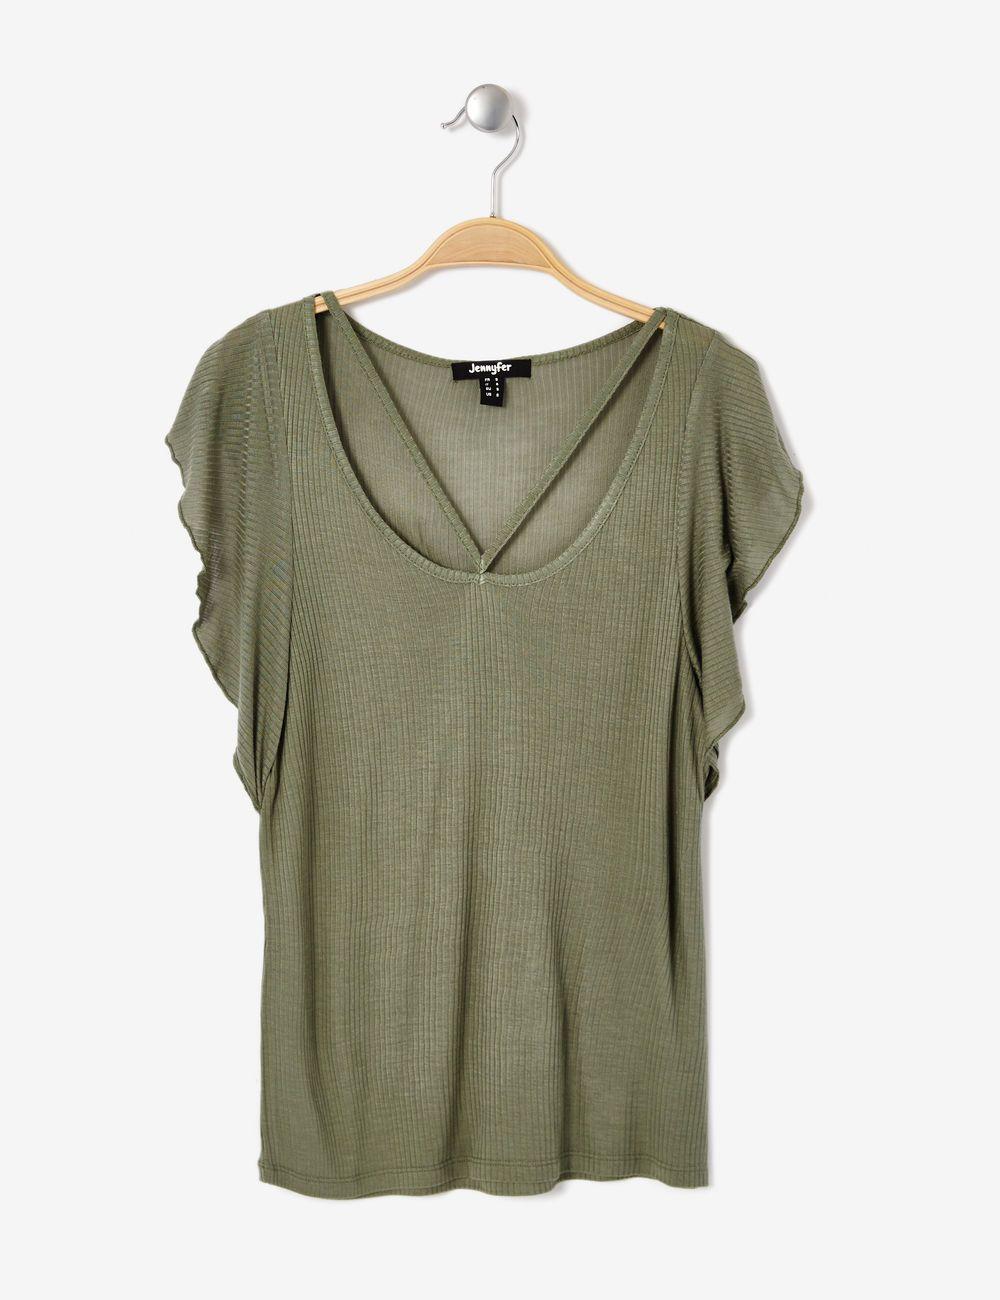 Tee-shirt avec volants côtés kaki clair femme • Jennyfer